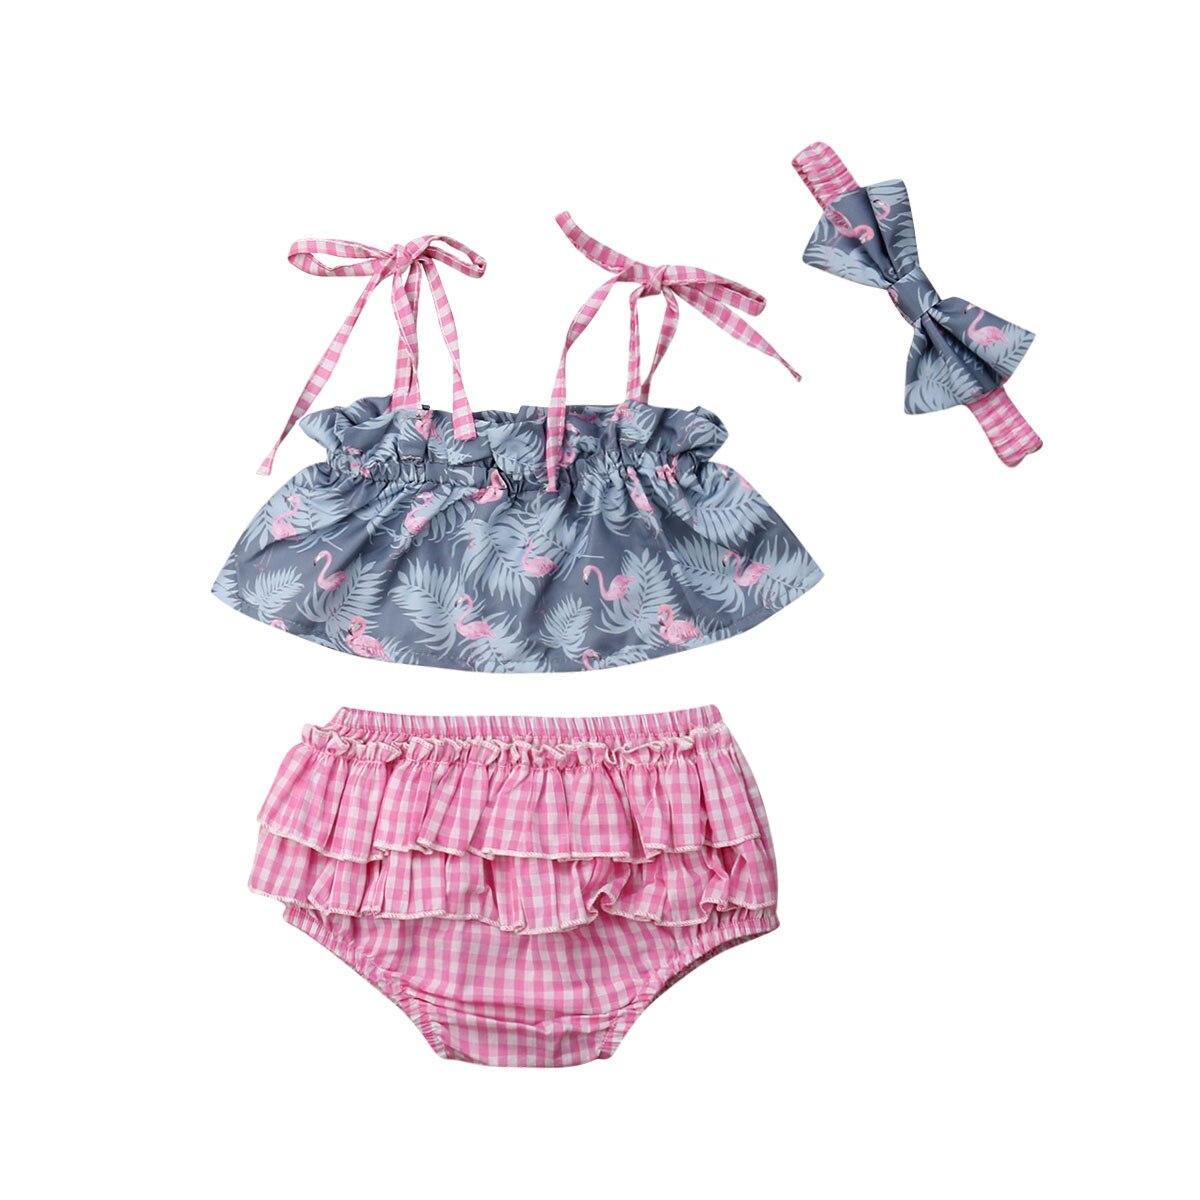 0-24 M Leuke Pasgeboren Baby Meisje Mouwloze Strap Tank Tops Roze Plaid Tutu Ruches Shorts Kindje Bloeiers Hoofdband 3 Pcs Kleding Set Winst Klein